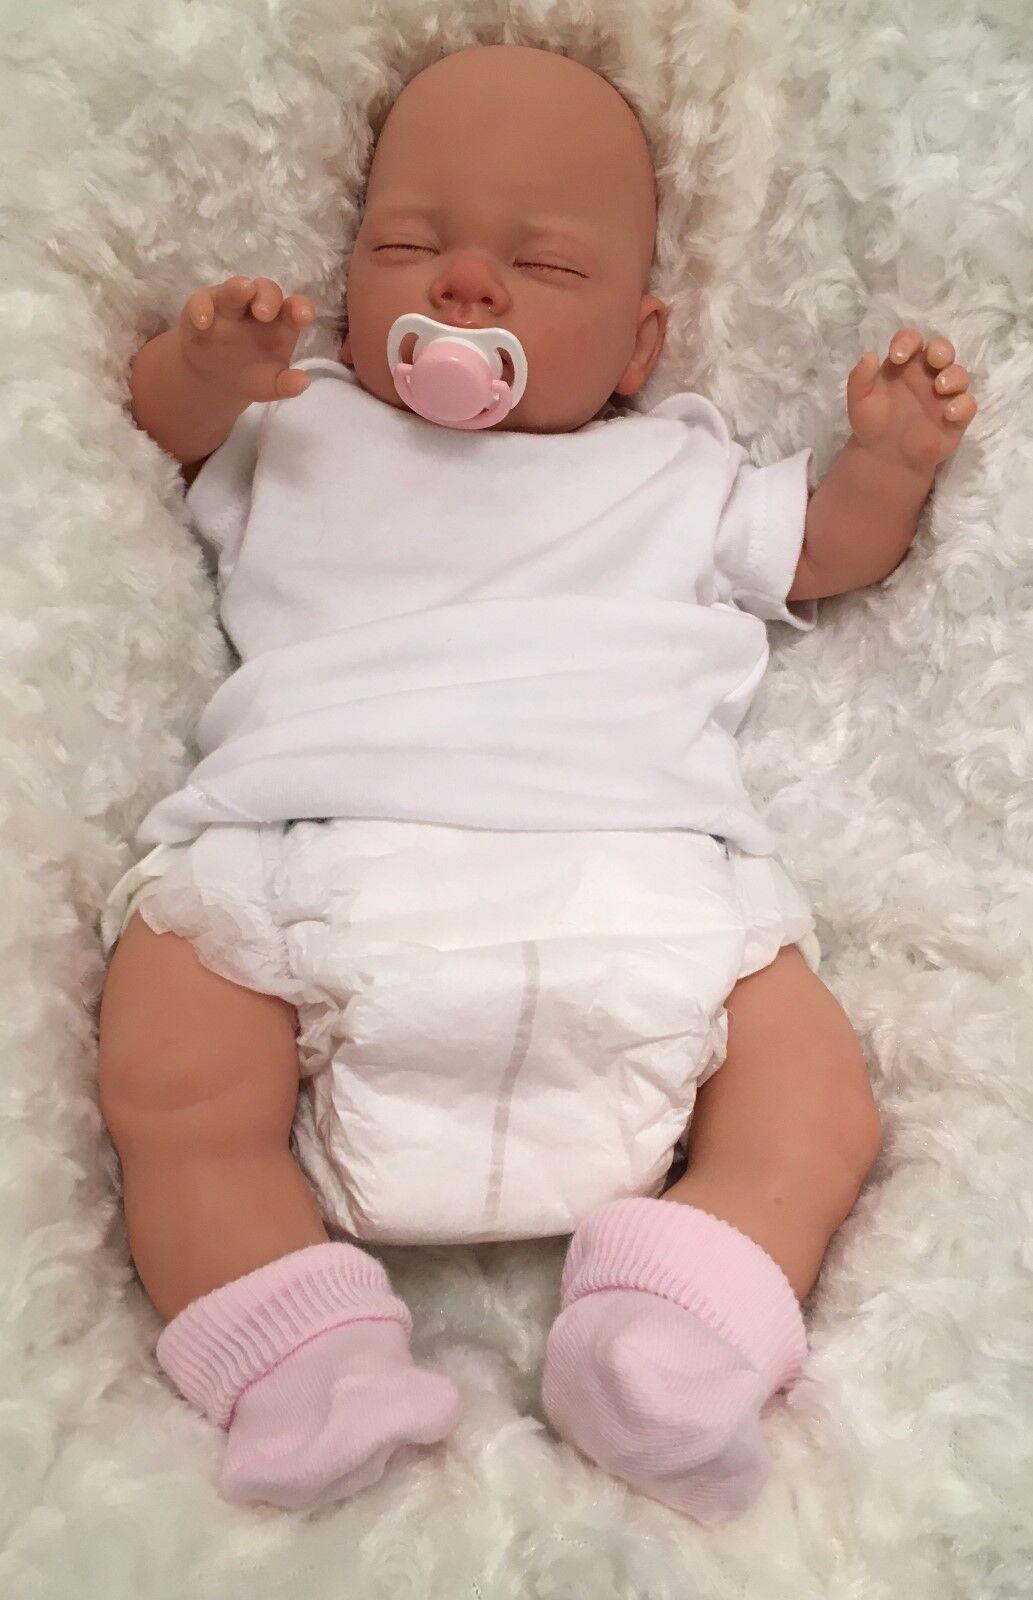 Prezzo ridotto Bambola Baby Reborn Bambino Amichevole Carino Neonati